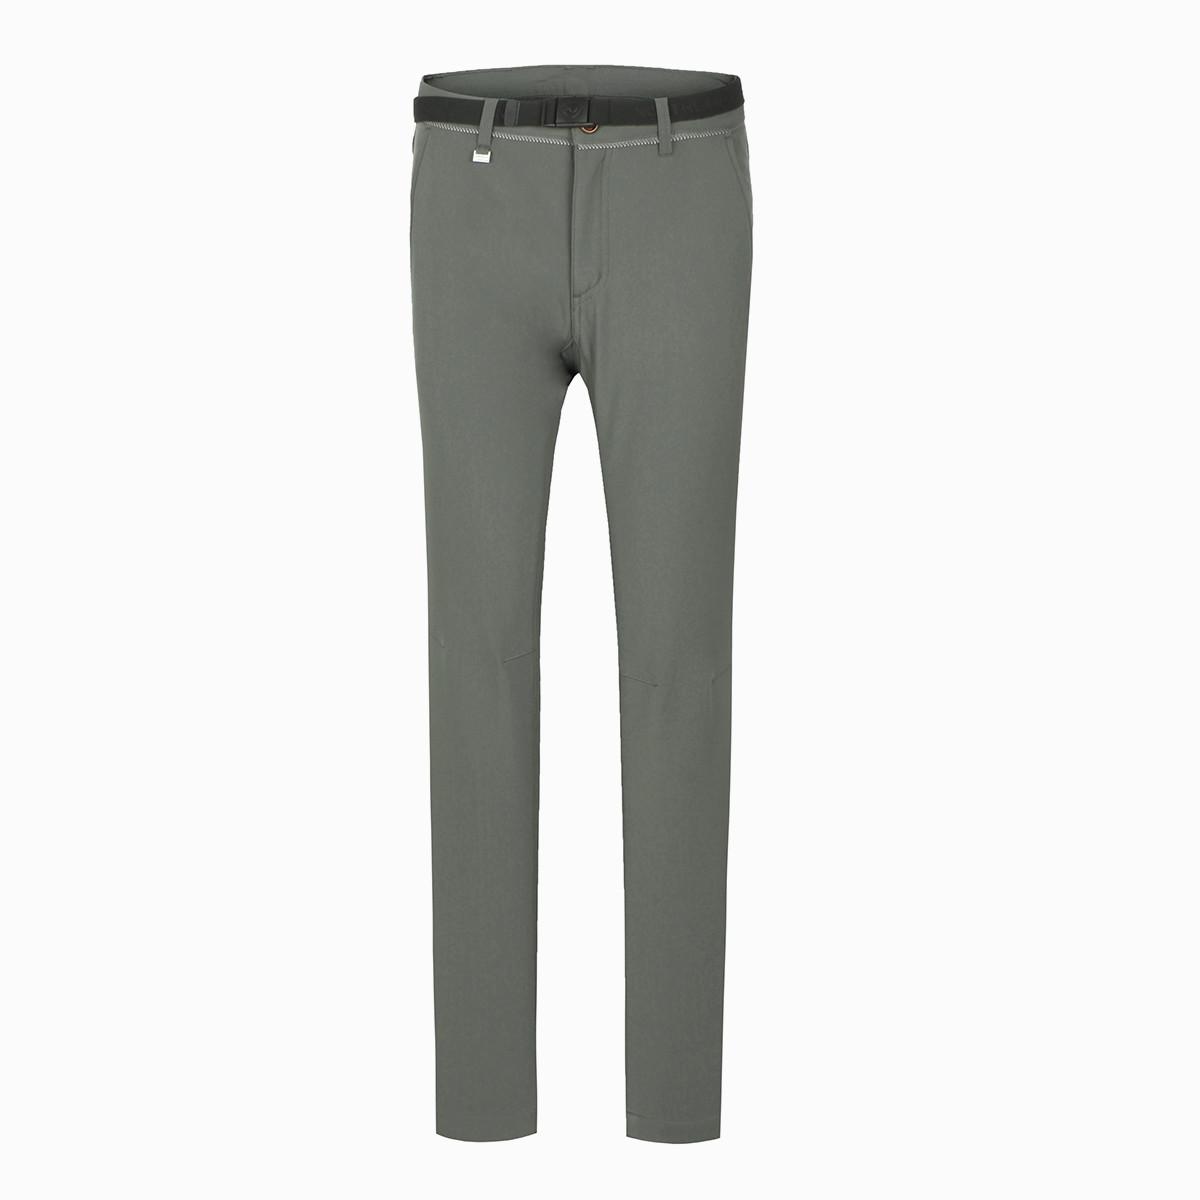 诺诗兰贴合保暖 亲肤面料 女式软壳裤 防风 抓绒保暖 耐磨GF062614暗影灰色